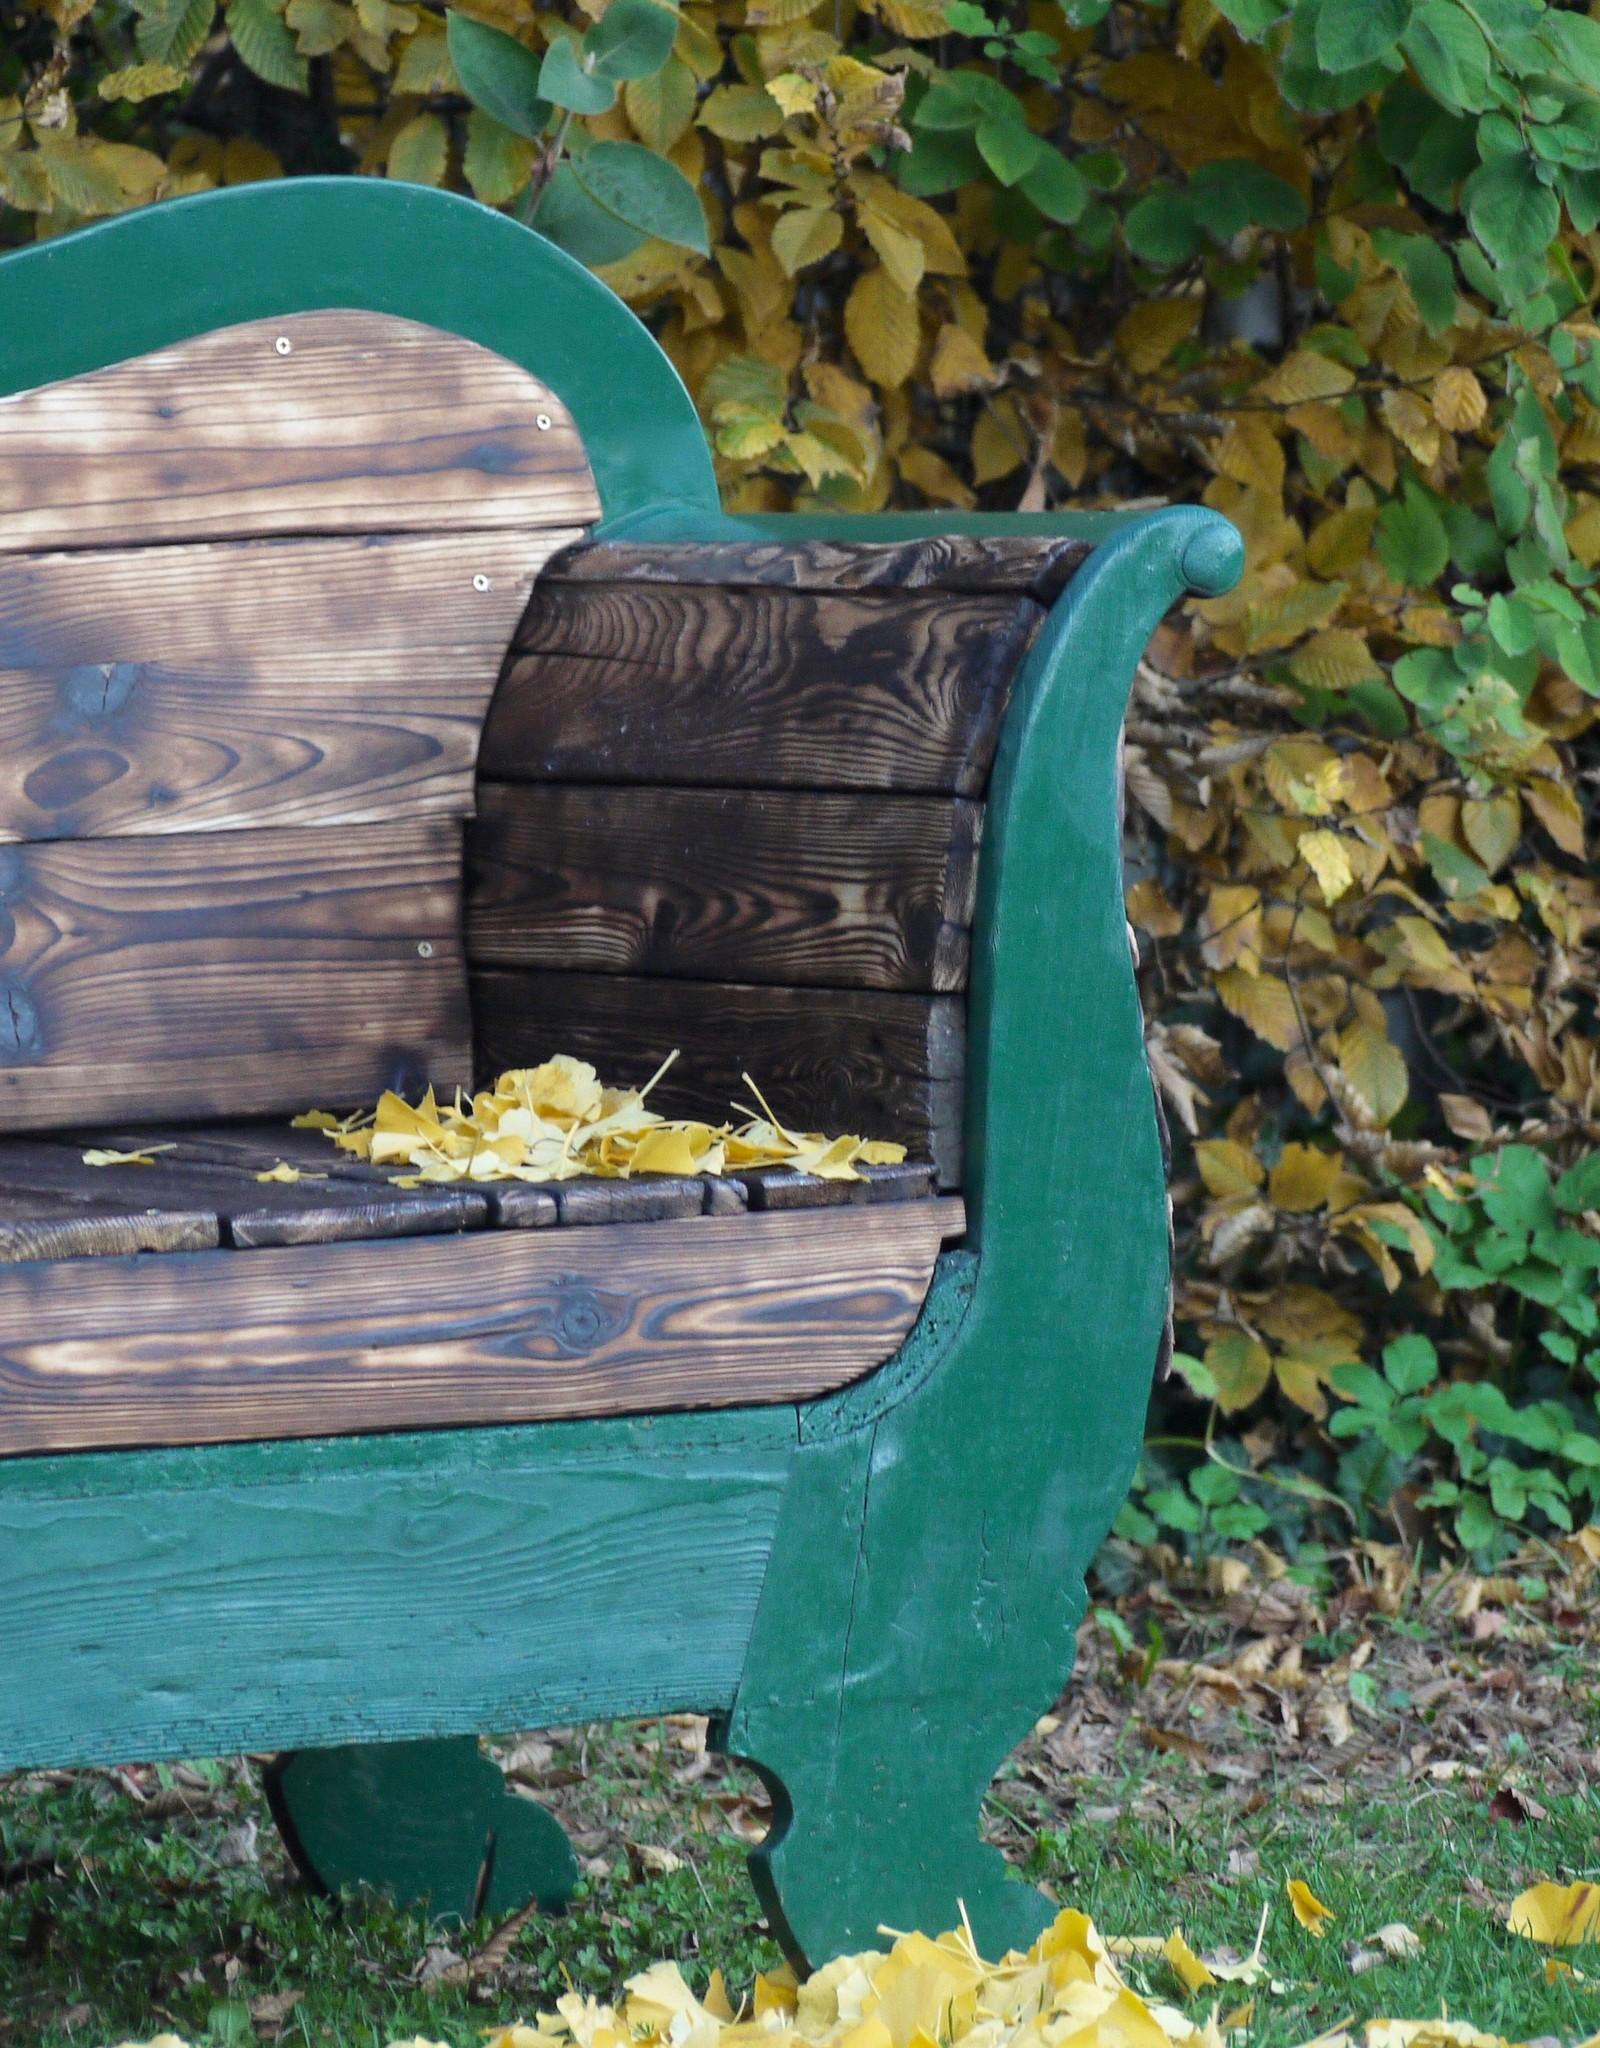 100 jährige Couch für den Outdoor Bereich Shou Sugi Ban / Flamed Wood